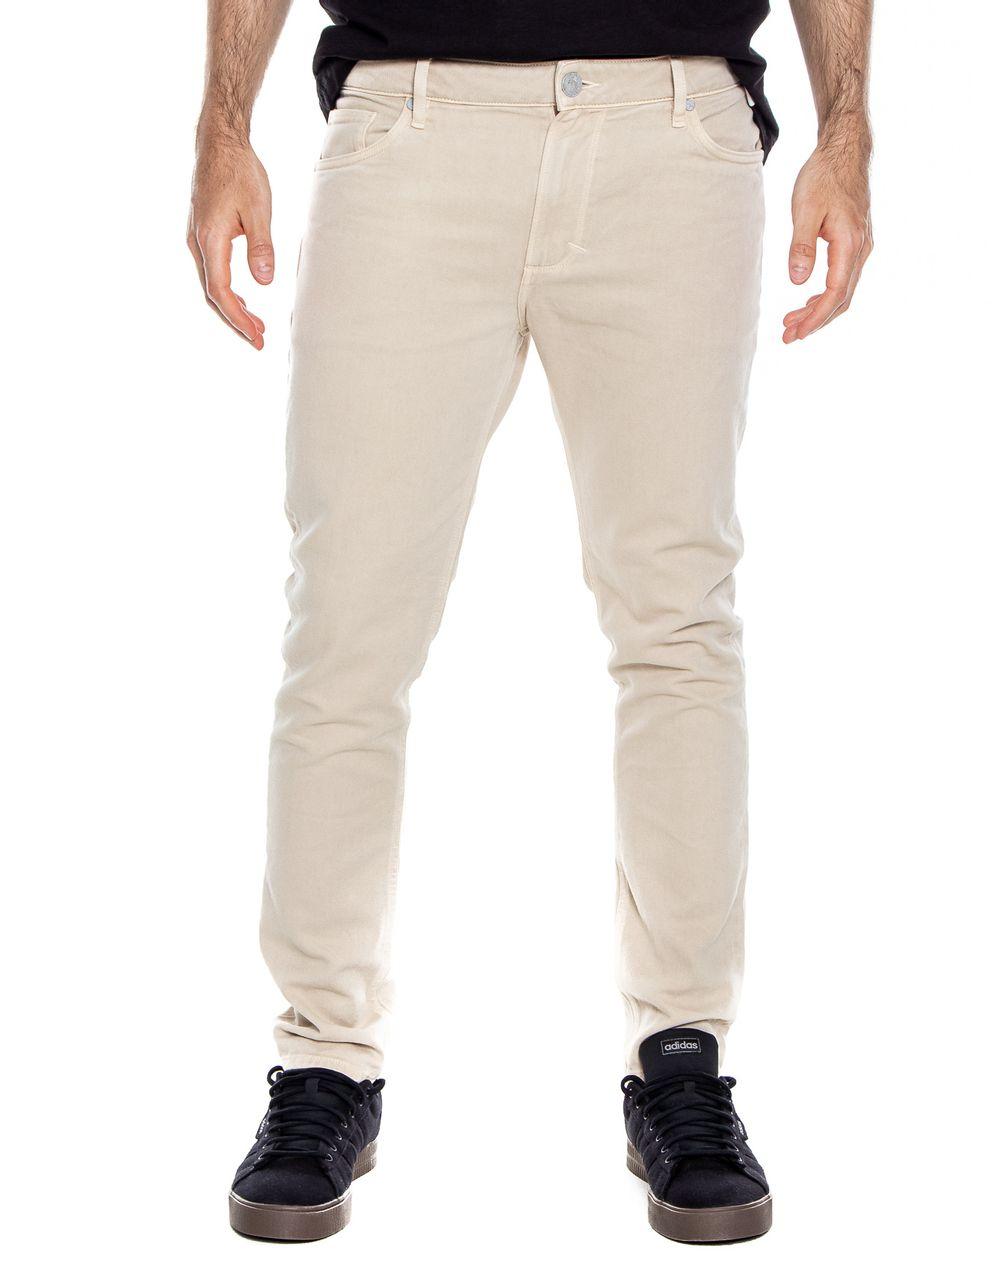 pantalon-042402-cafe-1.jpg